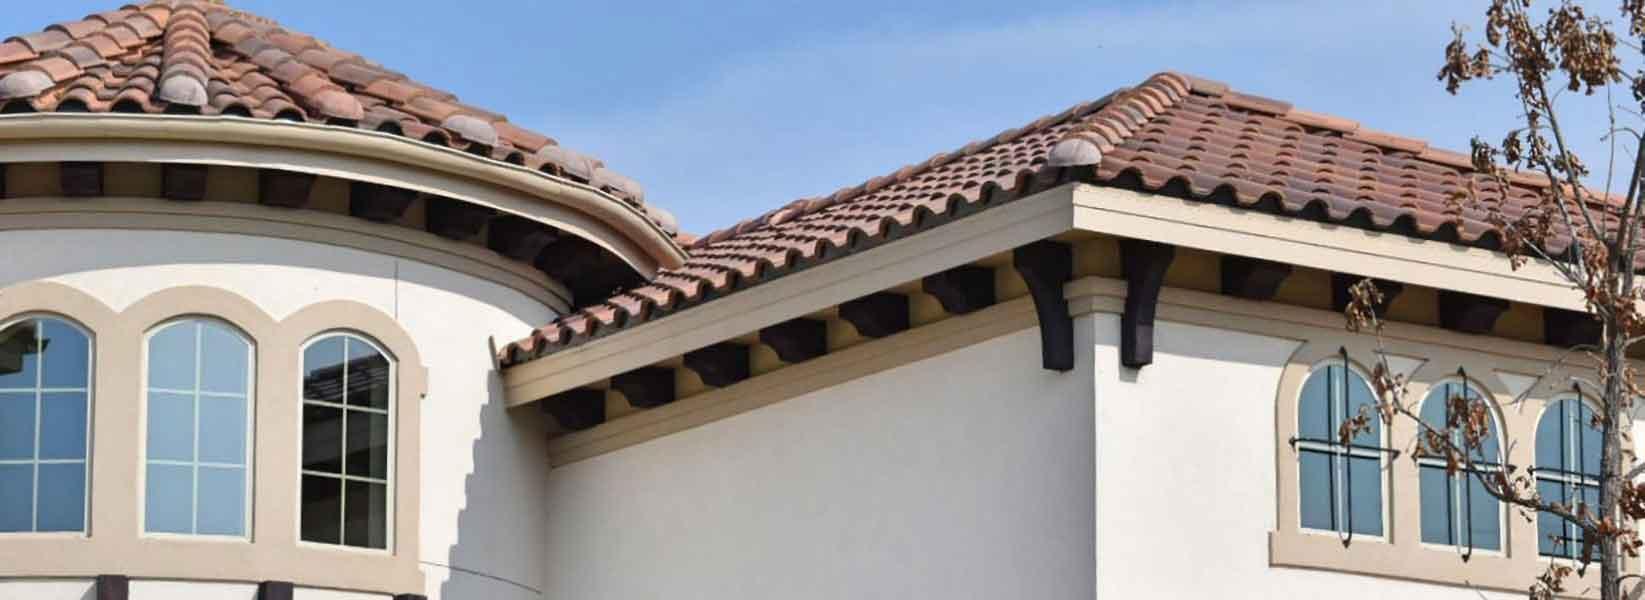 Tile Roofing Restoration